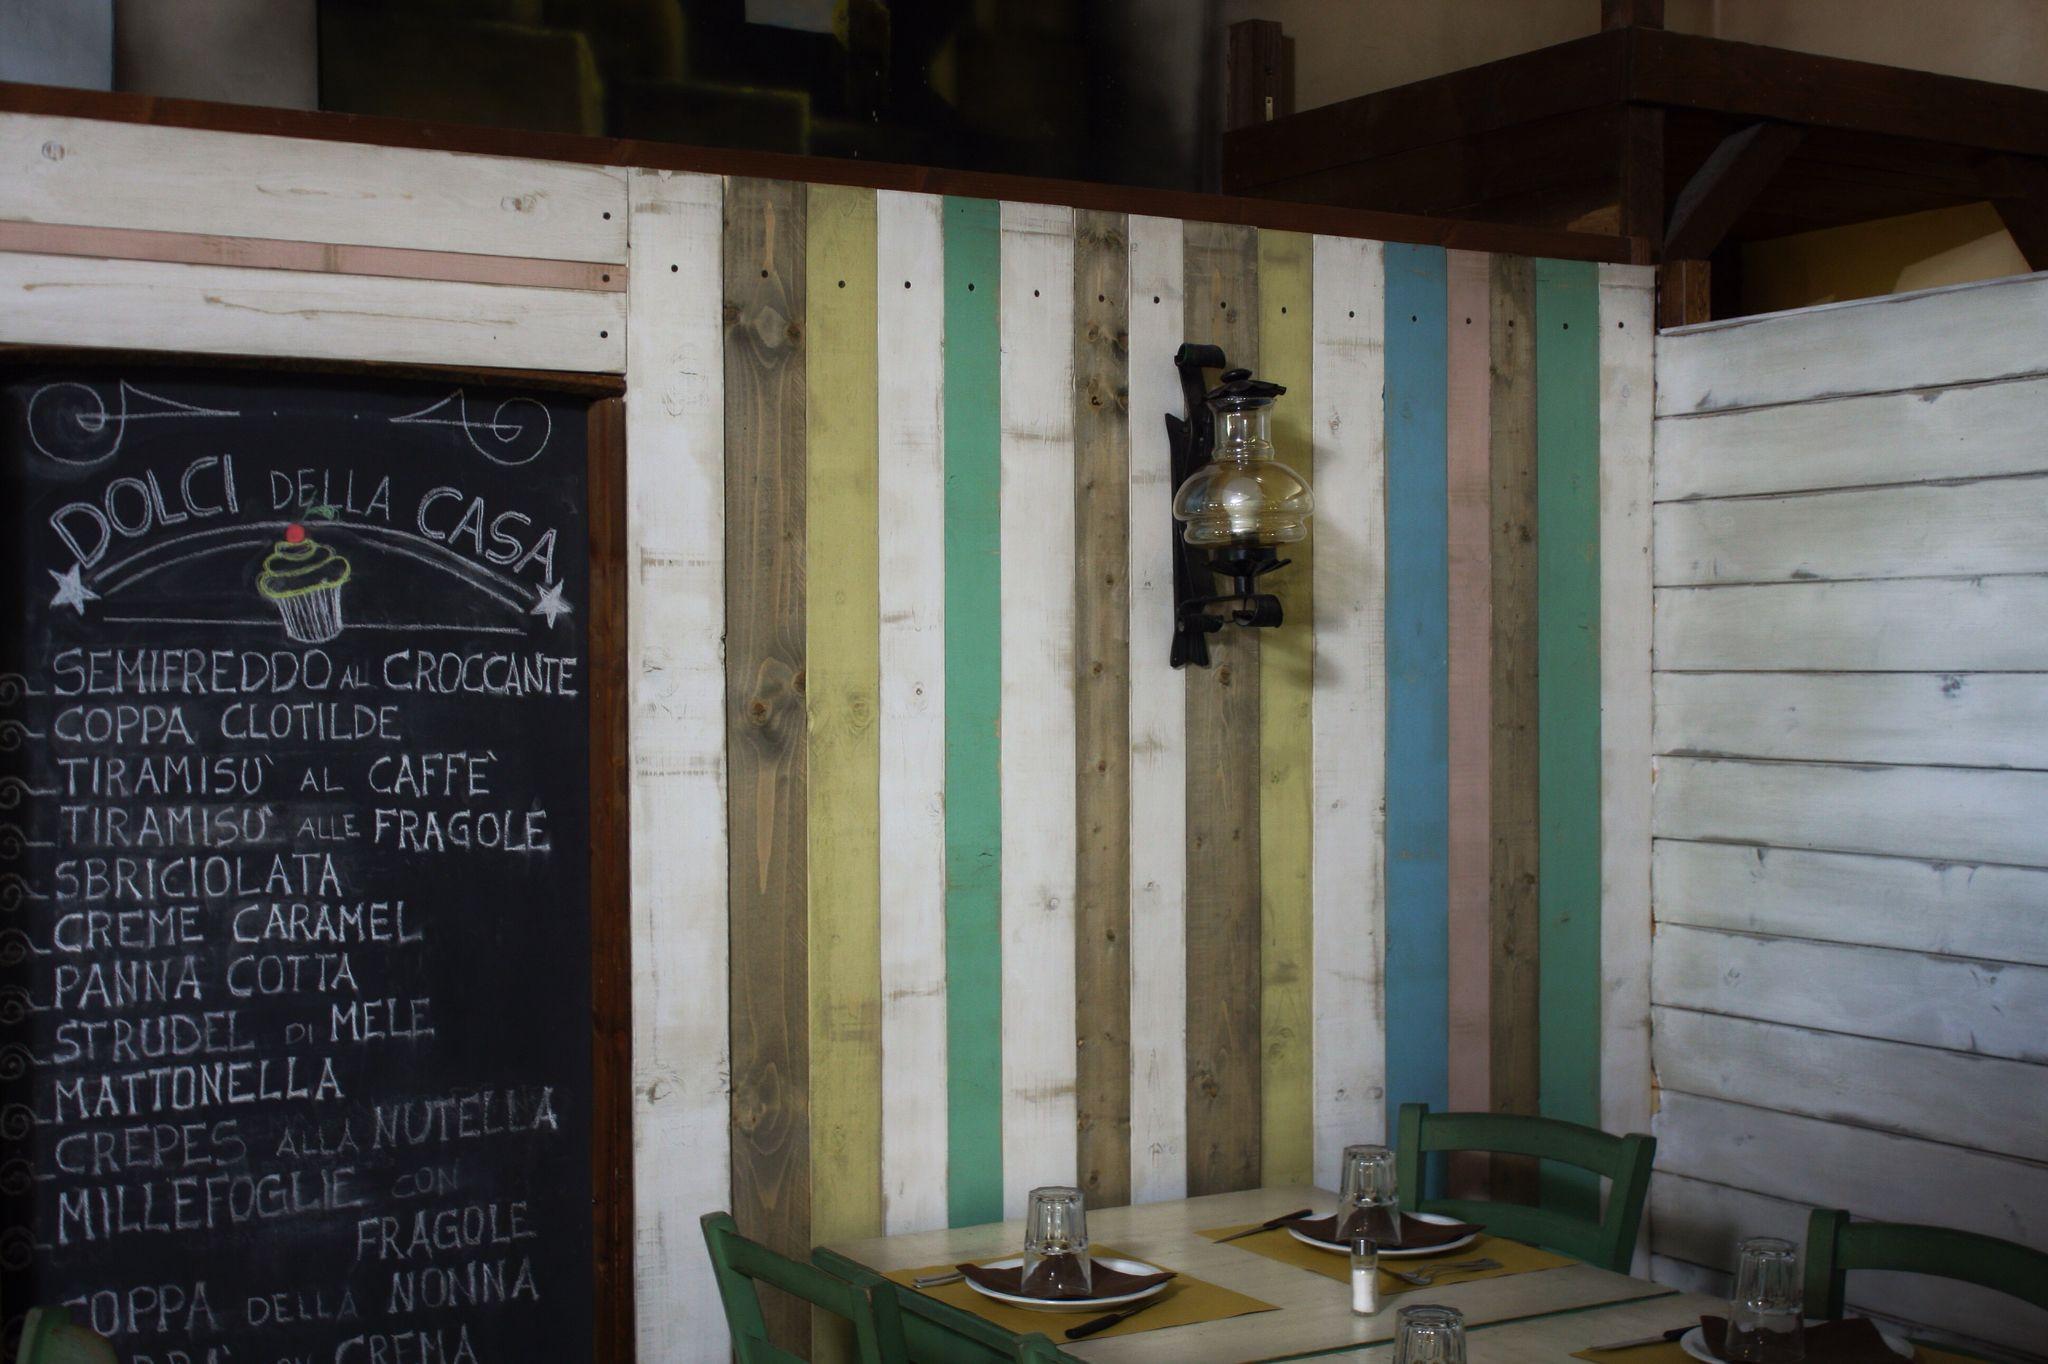 Arredamento osteria ~ Arredamento ristorante questa parete ė stata realizzata con legno